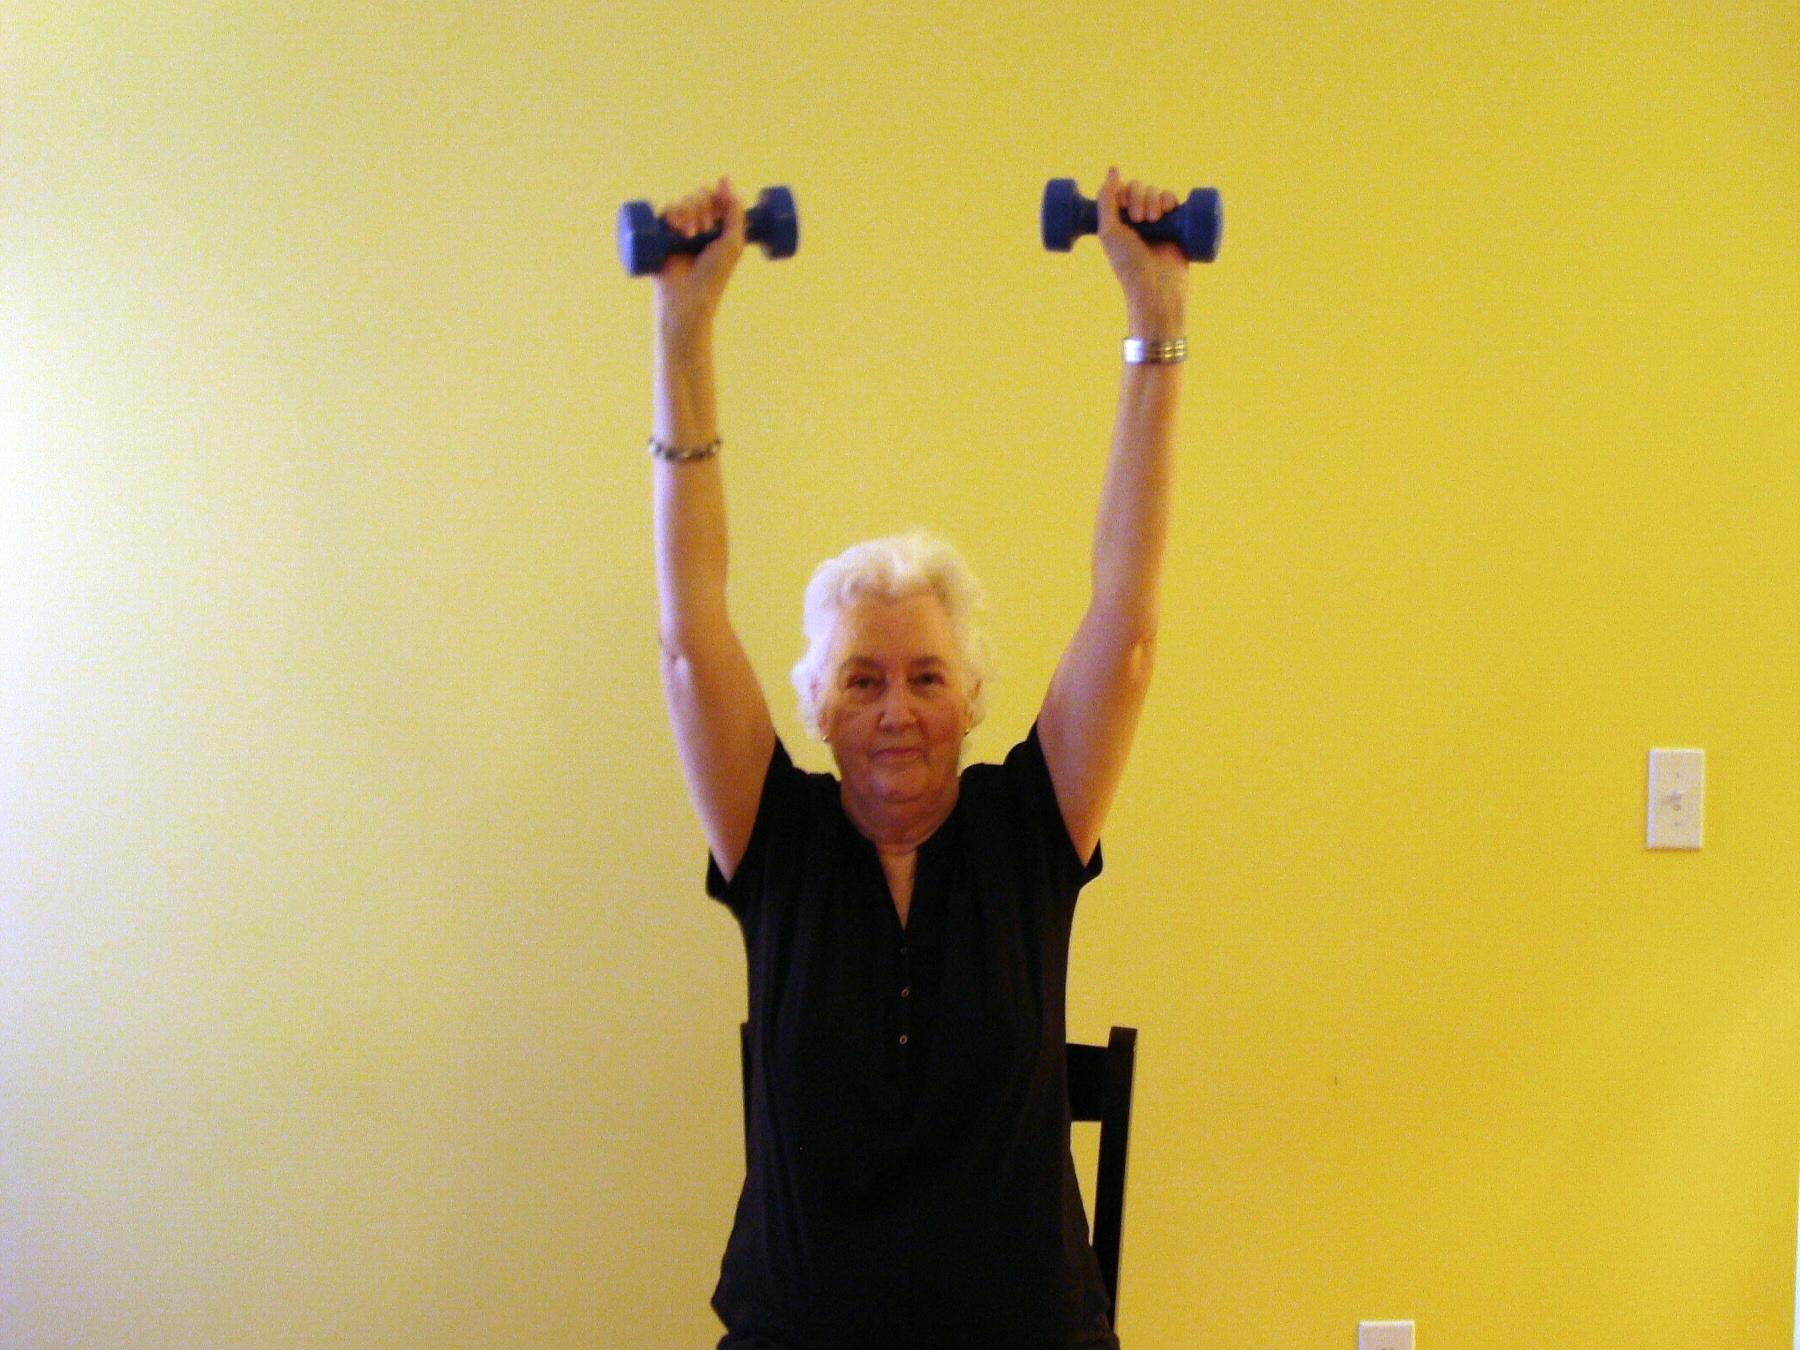 exercise-routine-for-seniors-14